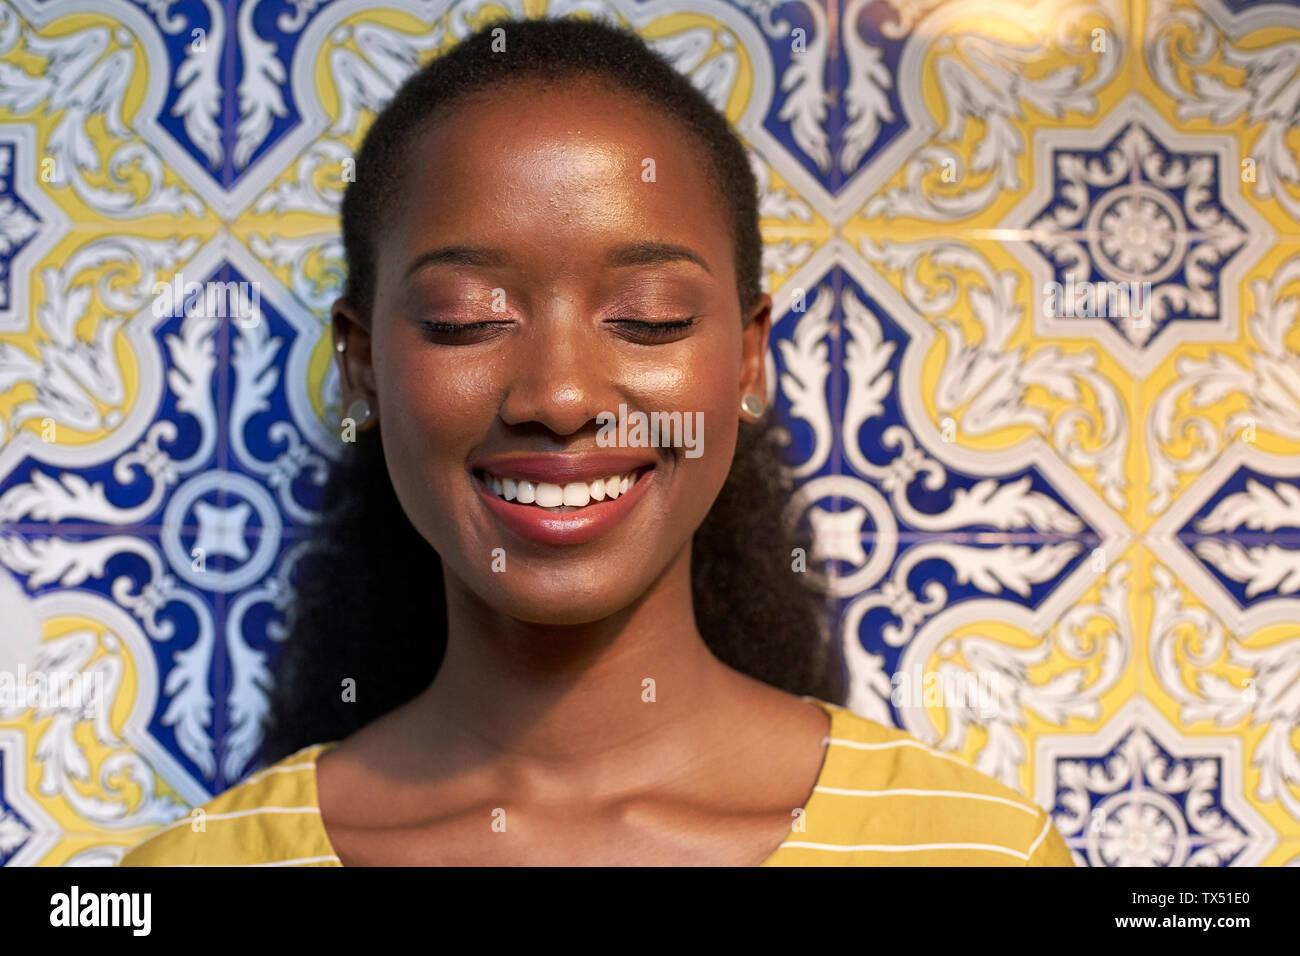 Ritratto di un felice giovane donna in corrispondenza di una parete piastrellata Foto Stock